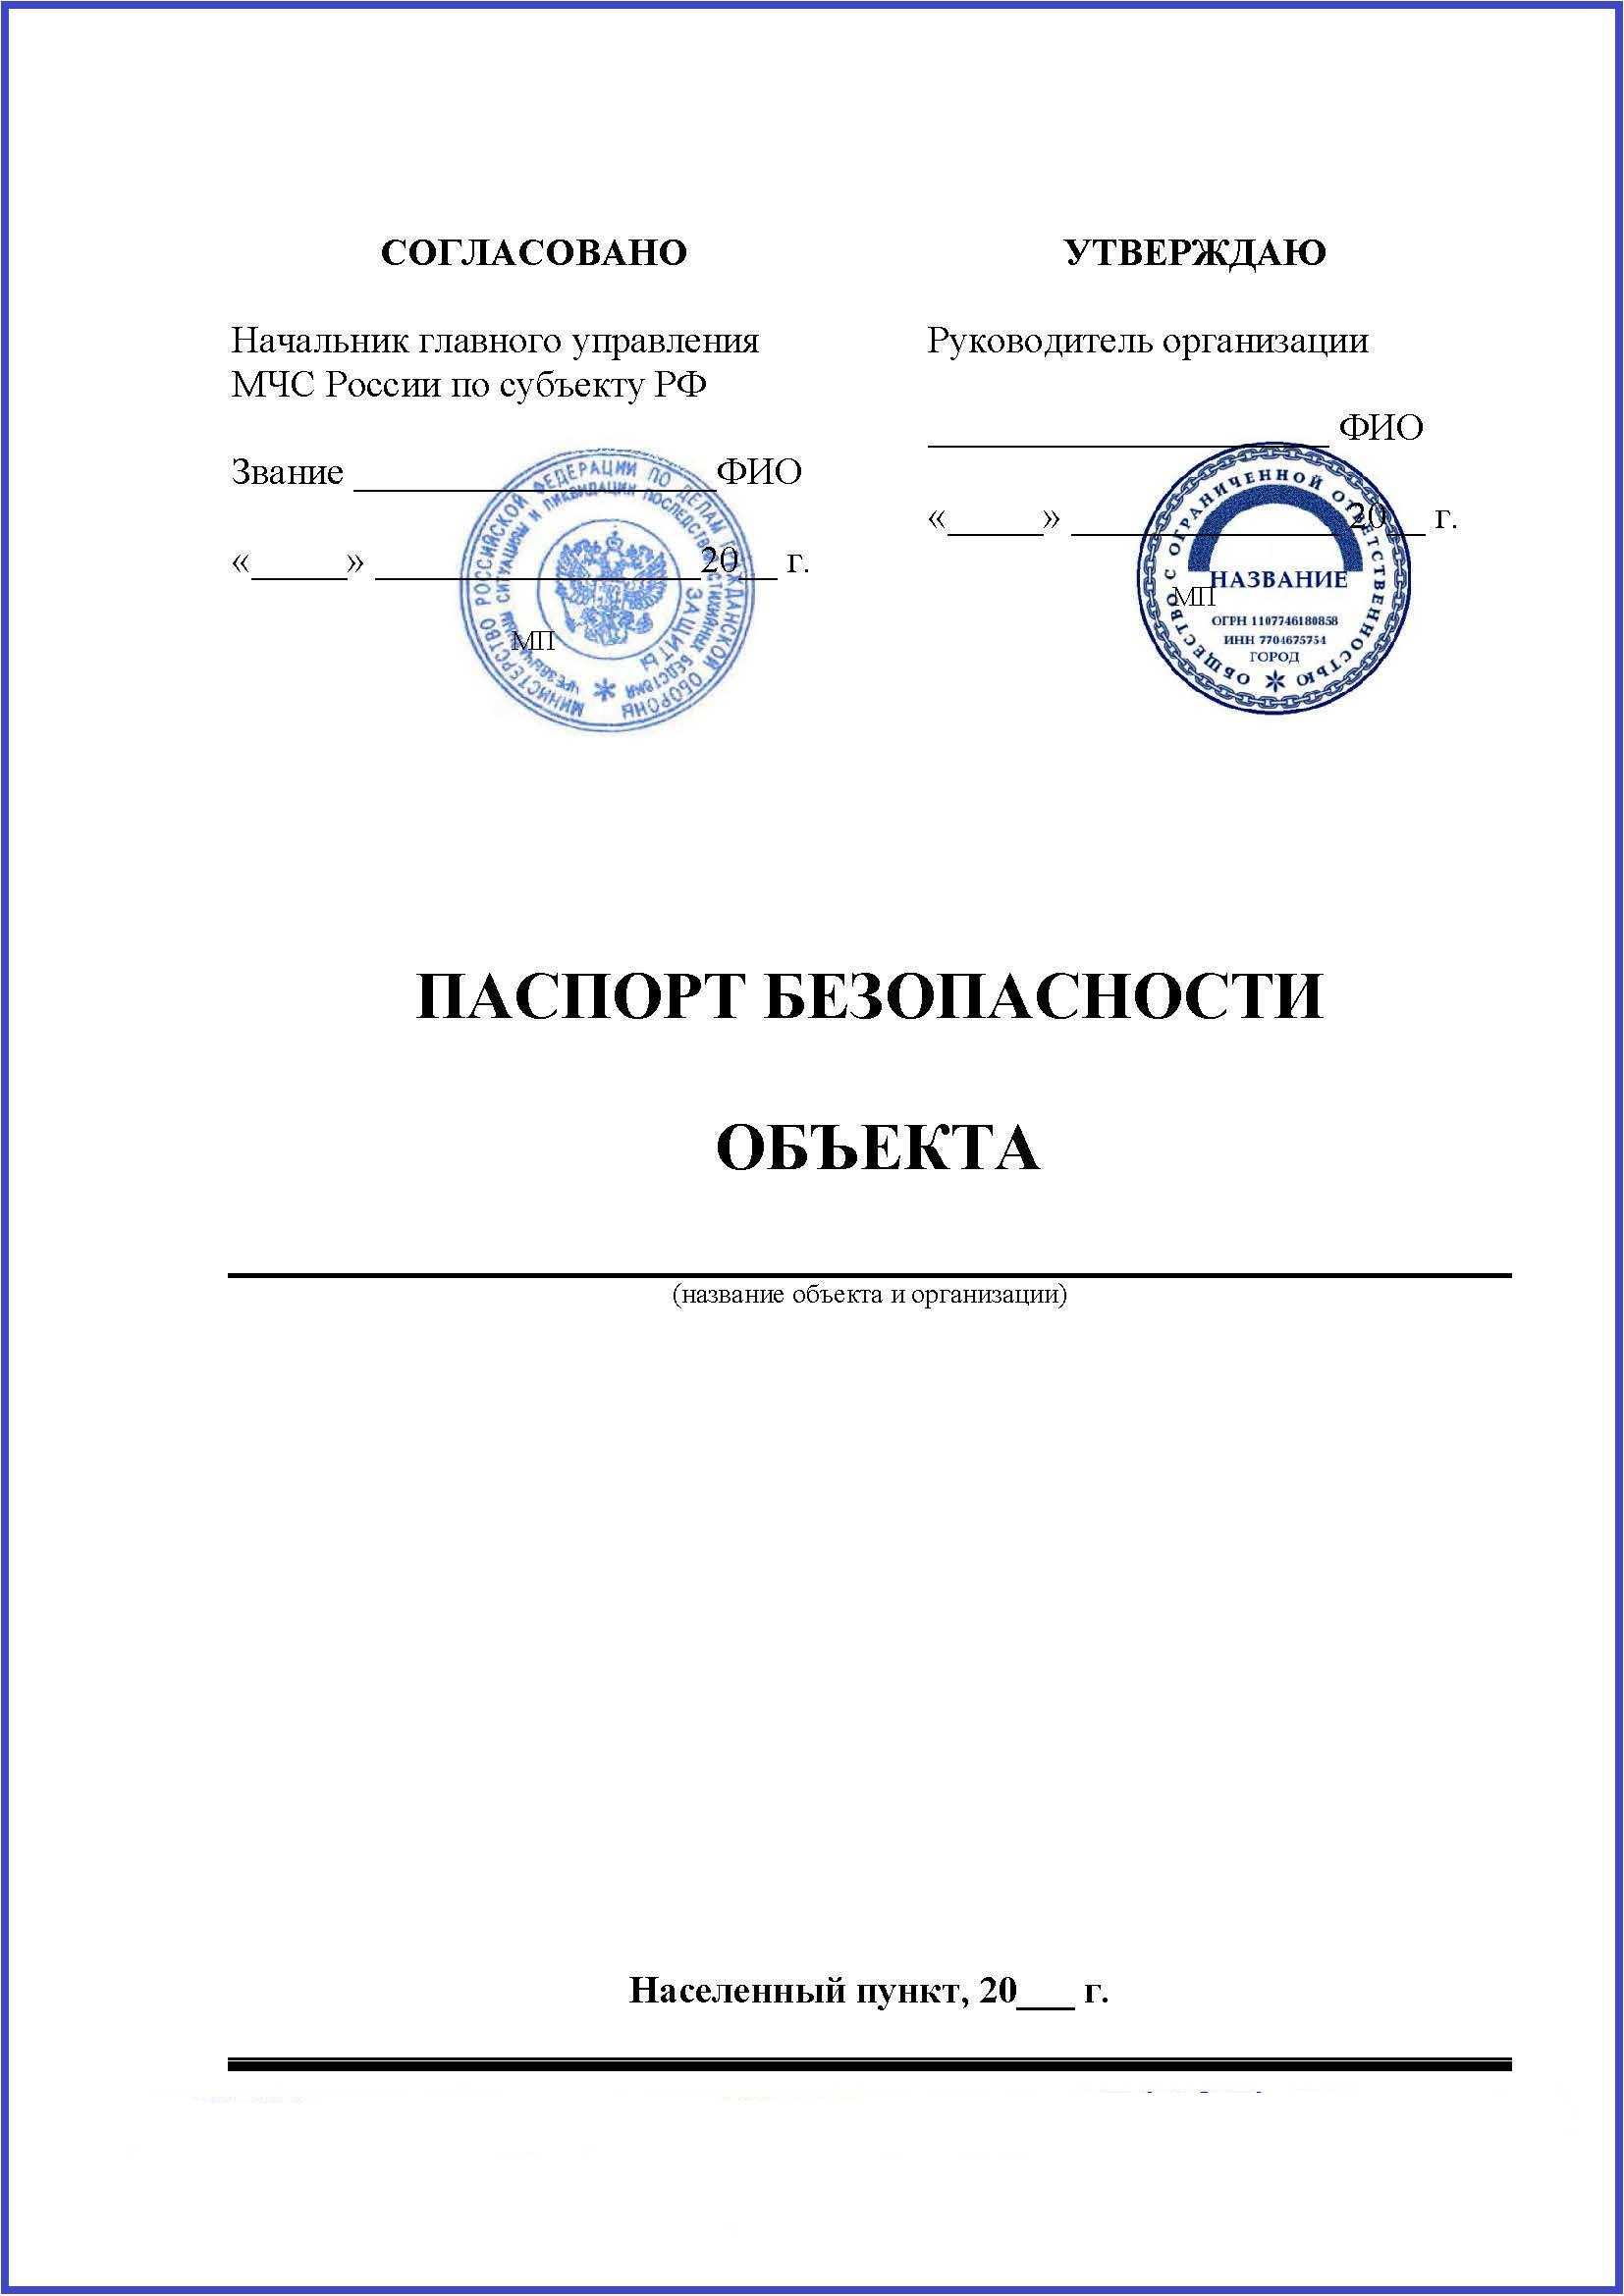 Паспорт безопасности объекта